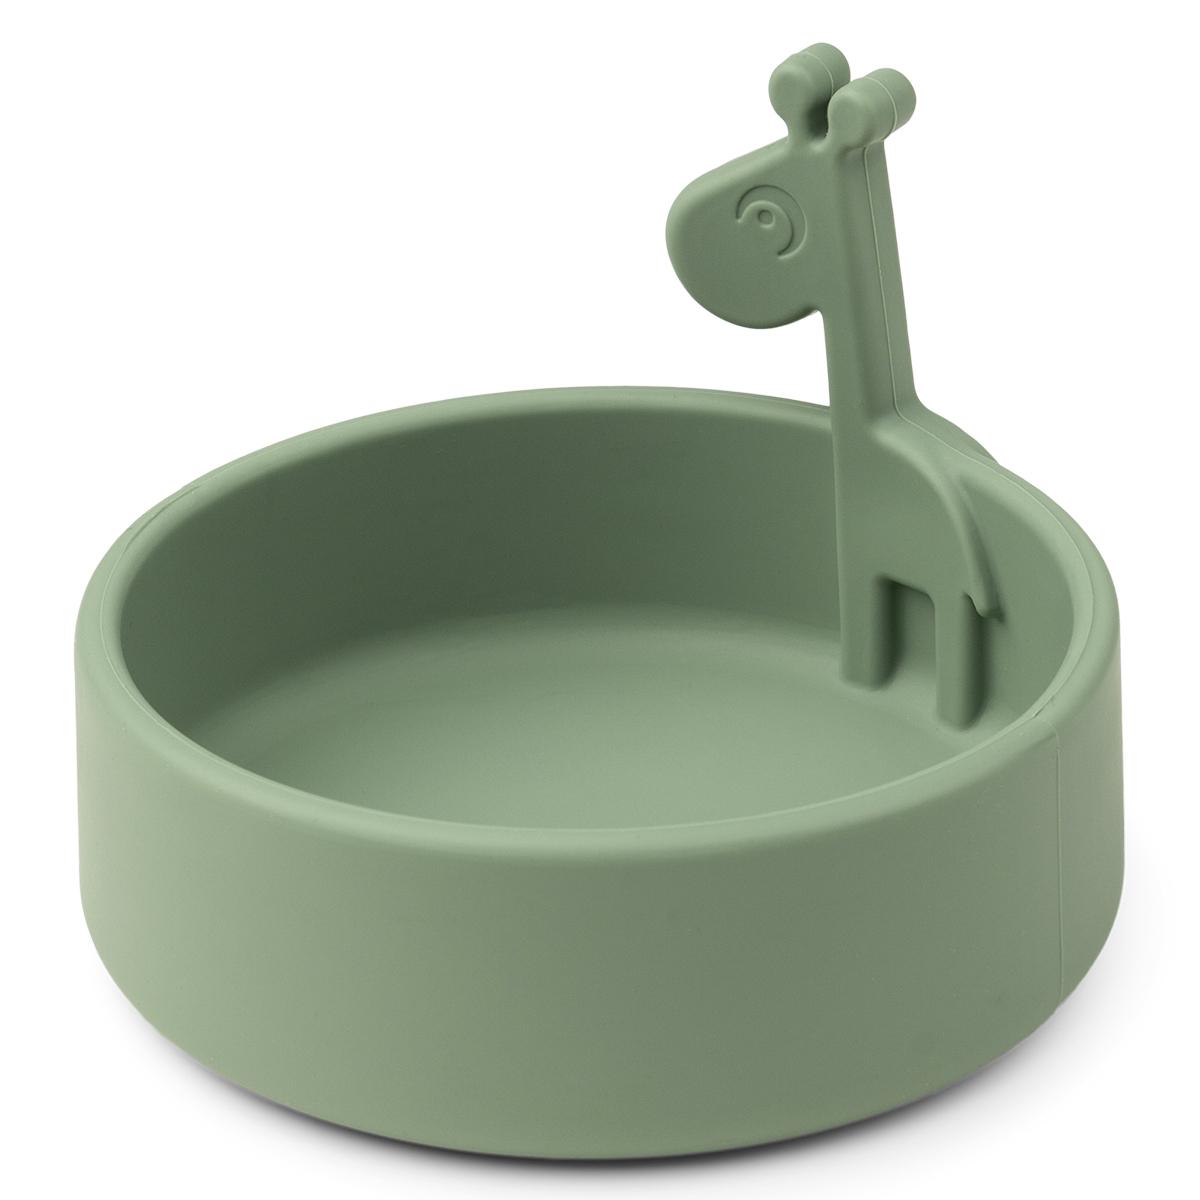 Vaisselle & Couvert Bol Peekaboo Raffi - Vert Bol Peekaboo Raffi - Vert